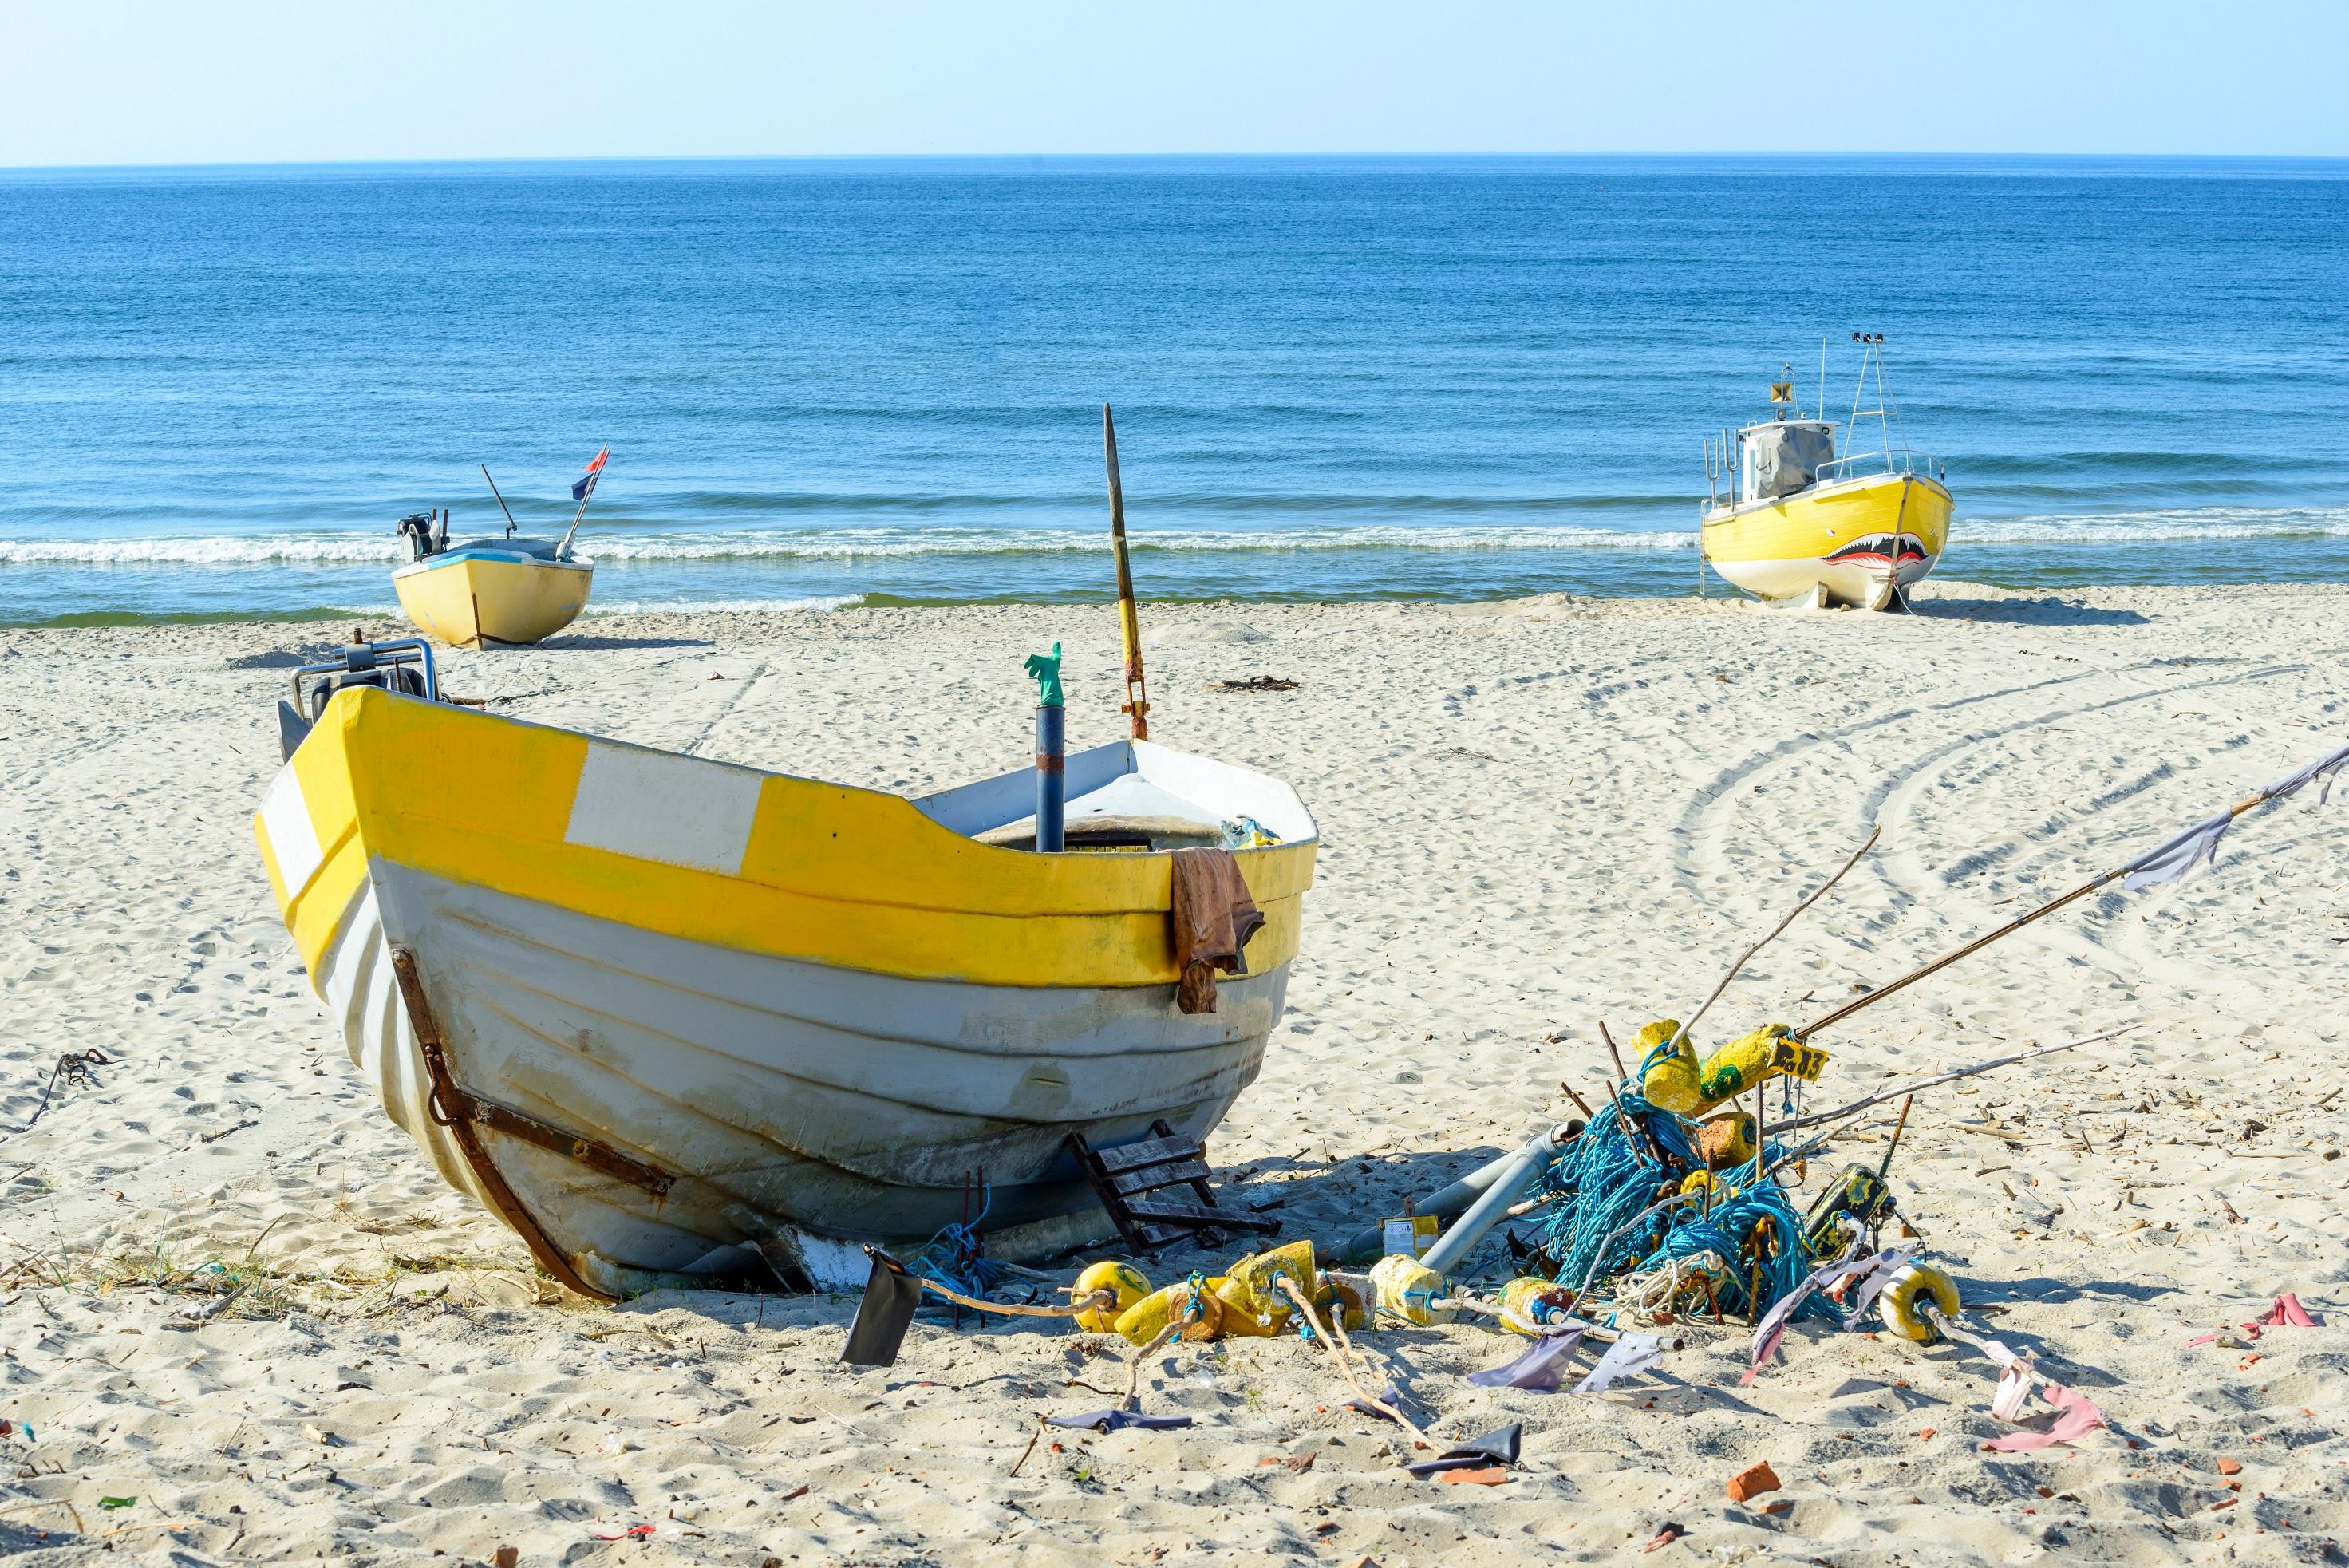 Montaż i uruchomienie systemu grzewczo – chłodniczego dla Zrzeszenia Rybaków Morskich – OP w Krynicy Morskiej